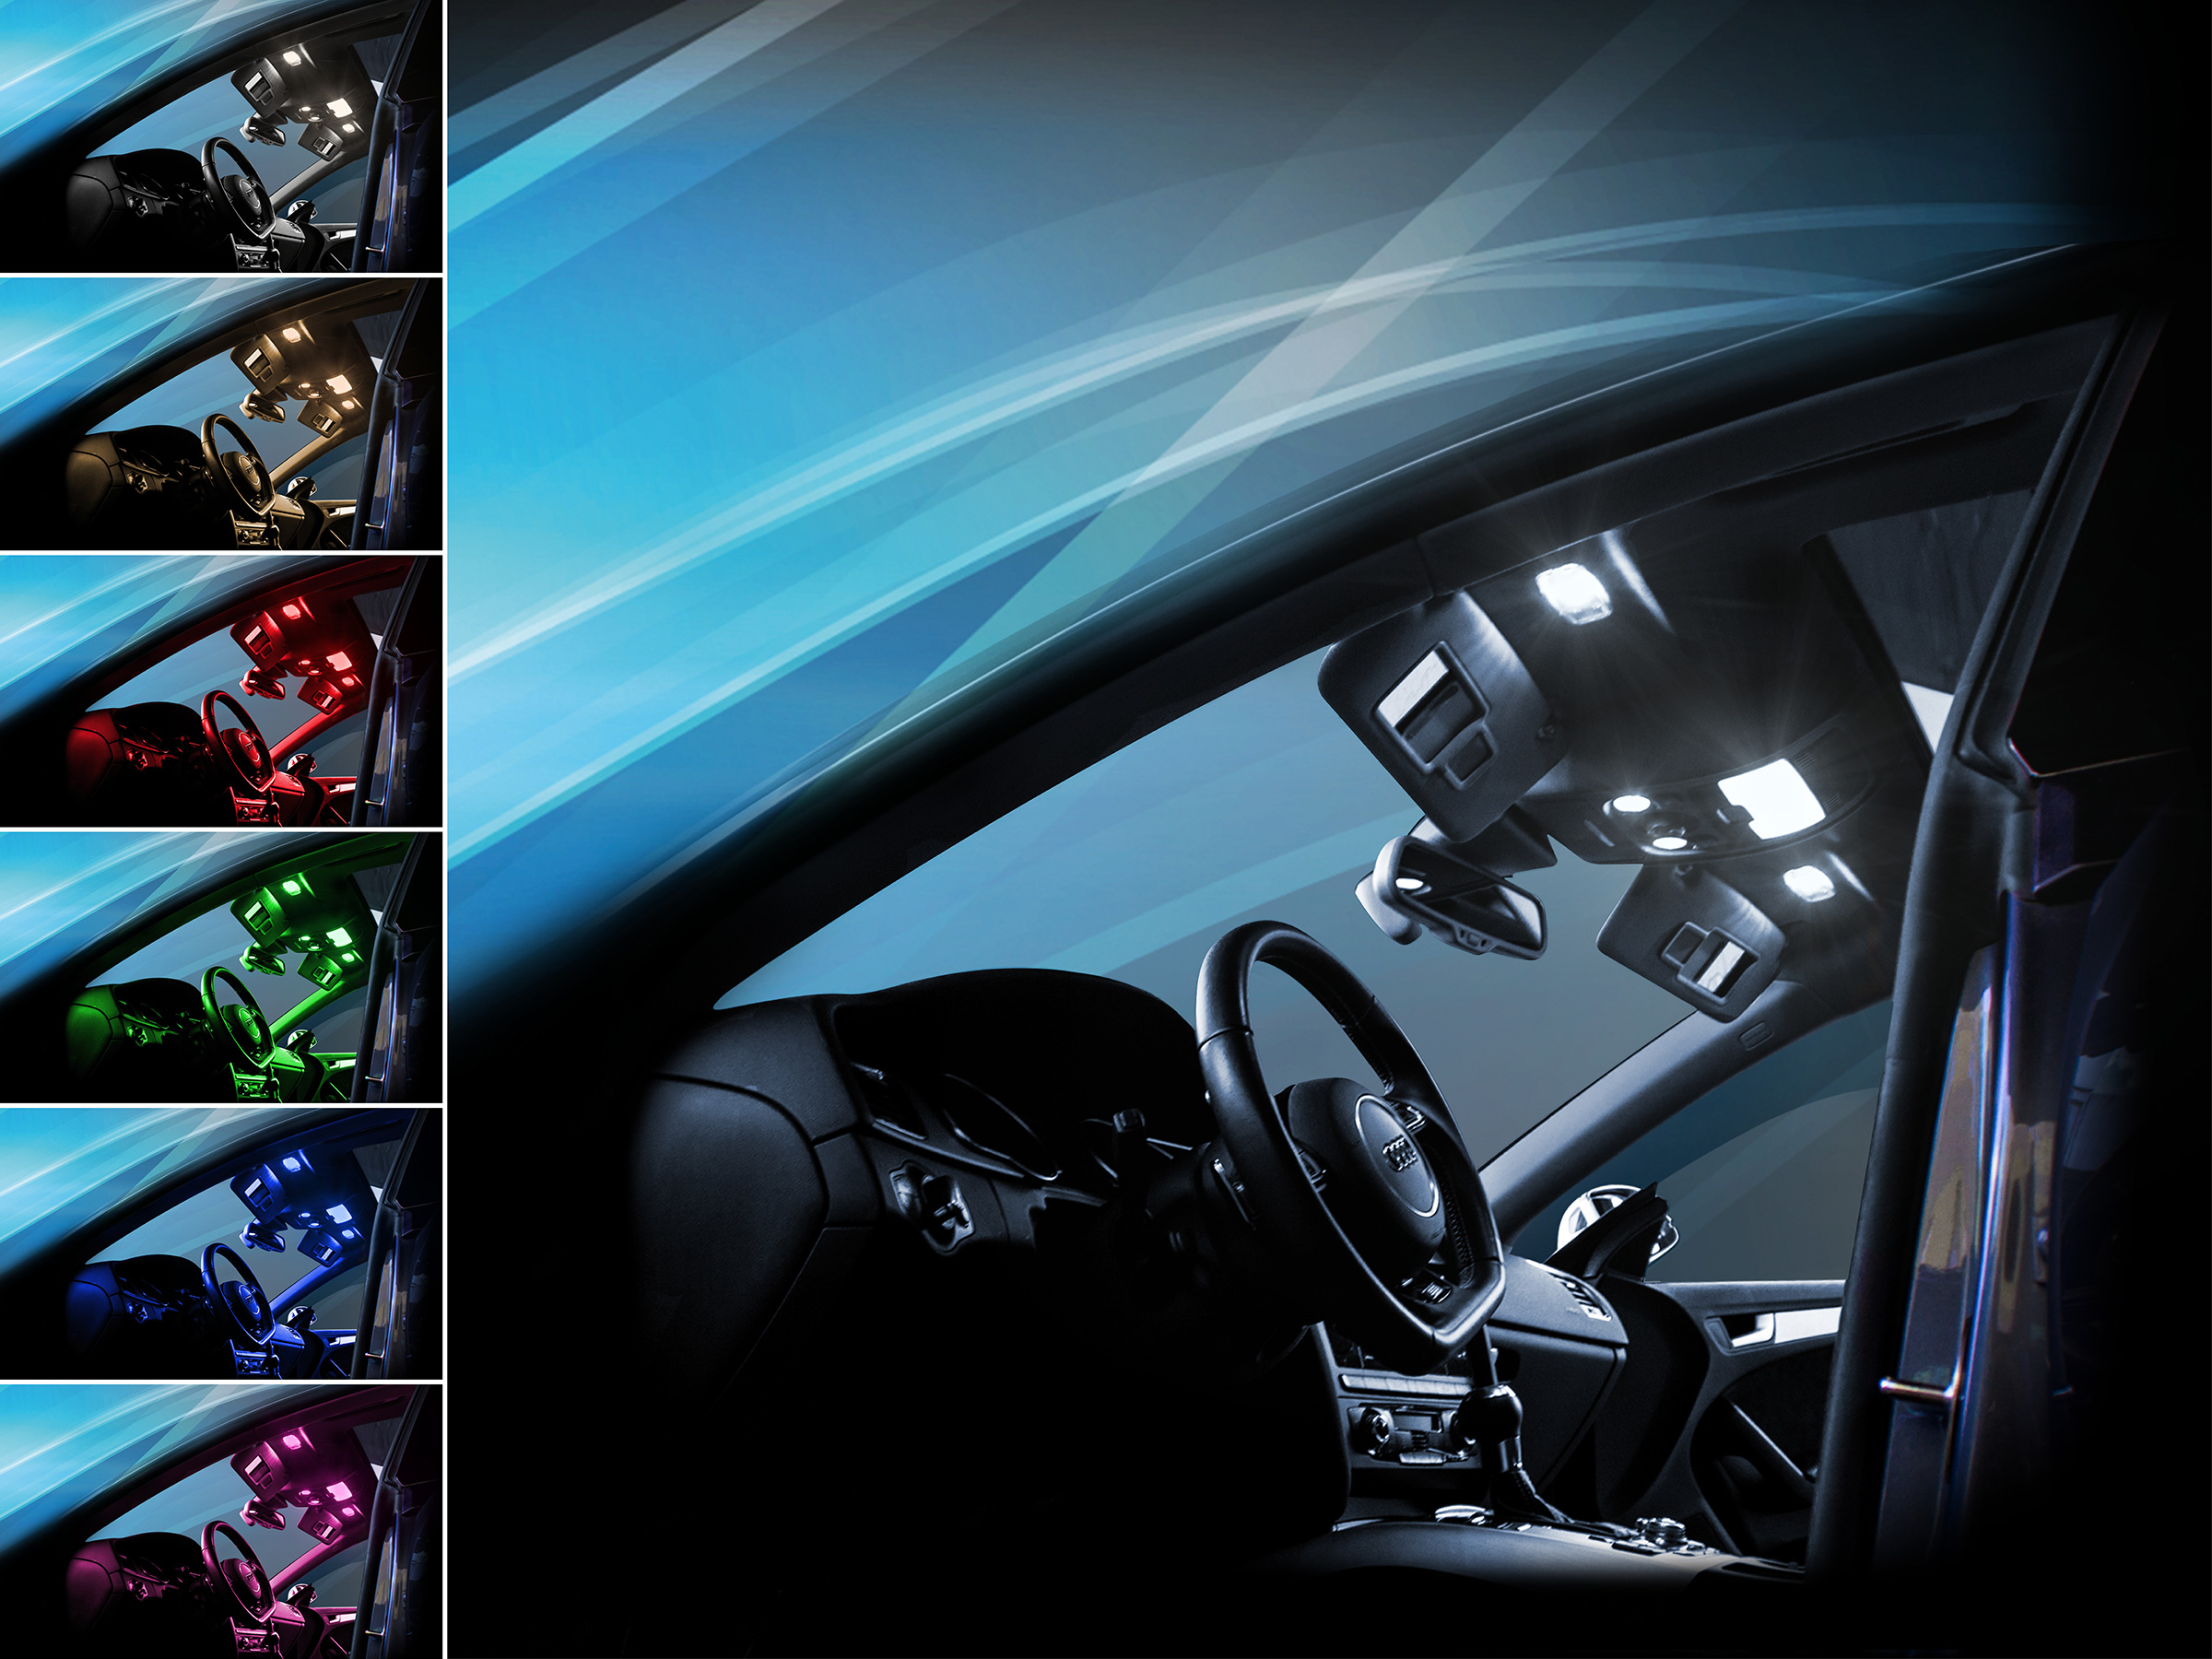 MaXtron Innenraumbeleuchtung Set f/ür Auto Astra K 6000K Kalt Wei/ß Beleuchtung Innenlicht Komplettset